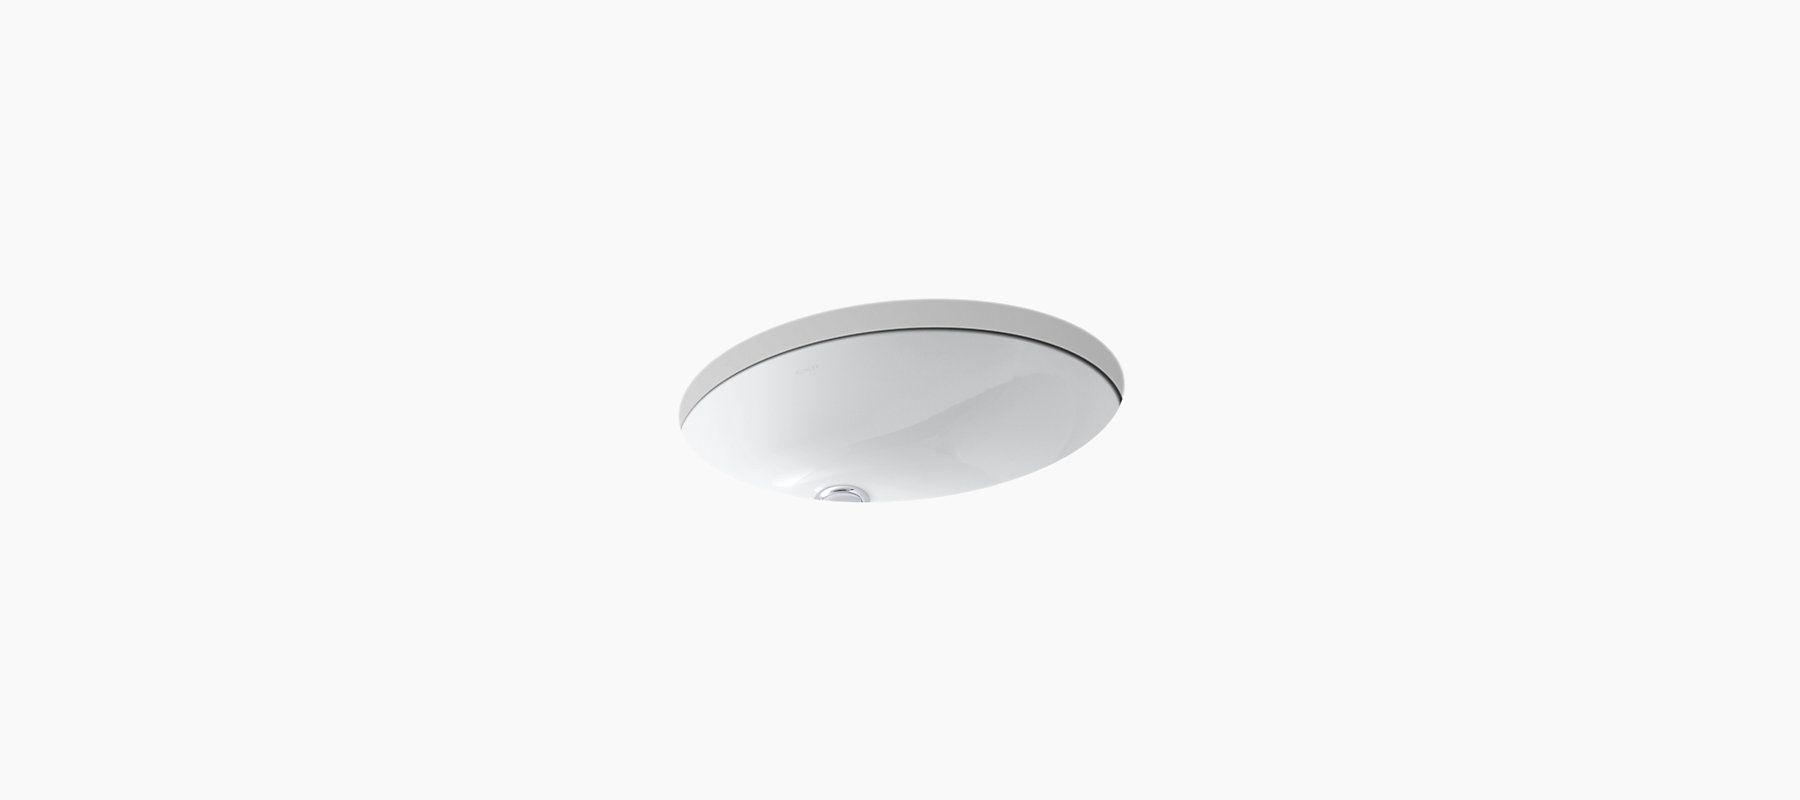 kohler caxton undermount sink w overflow drain in white k 2210 n - Kohler Waschbecken Armaturen